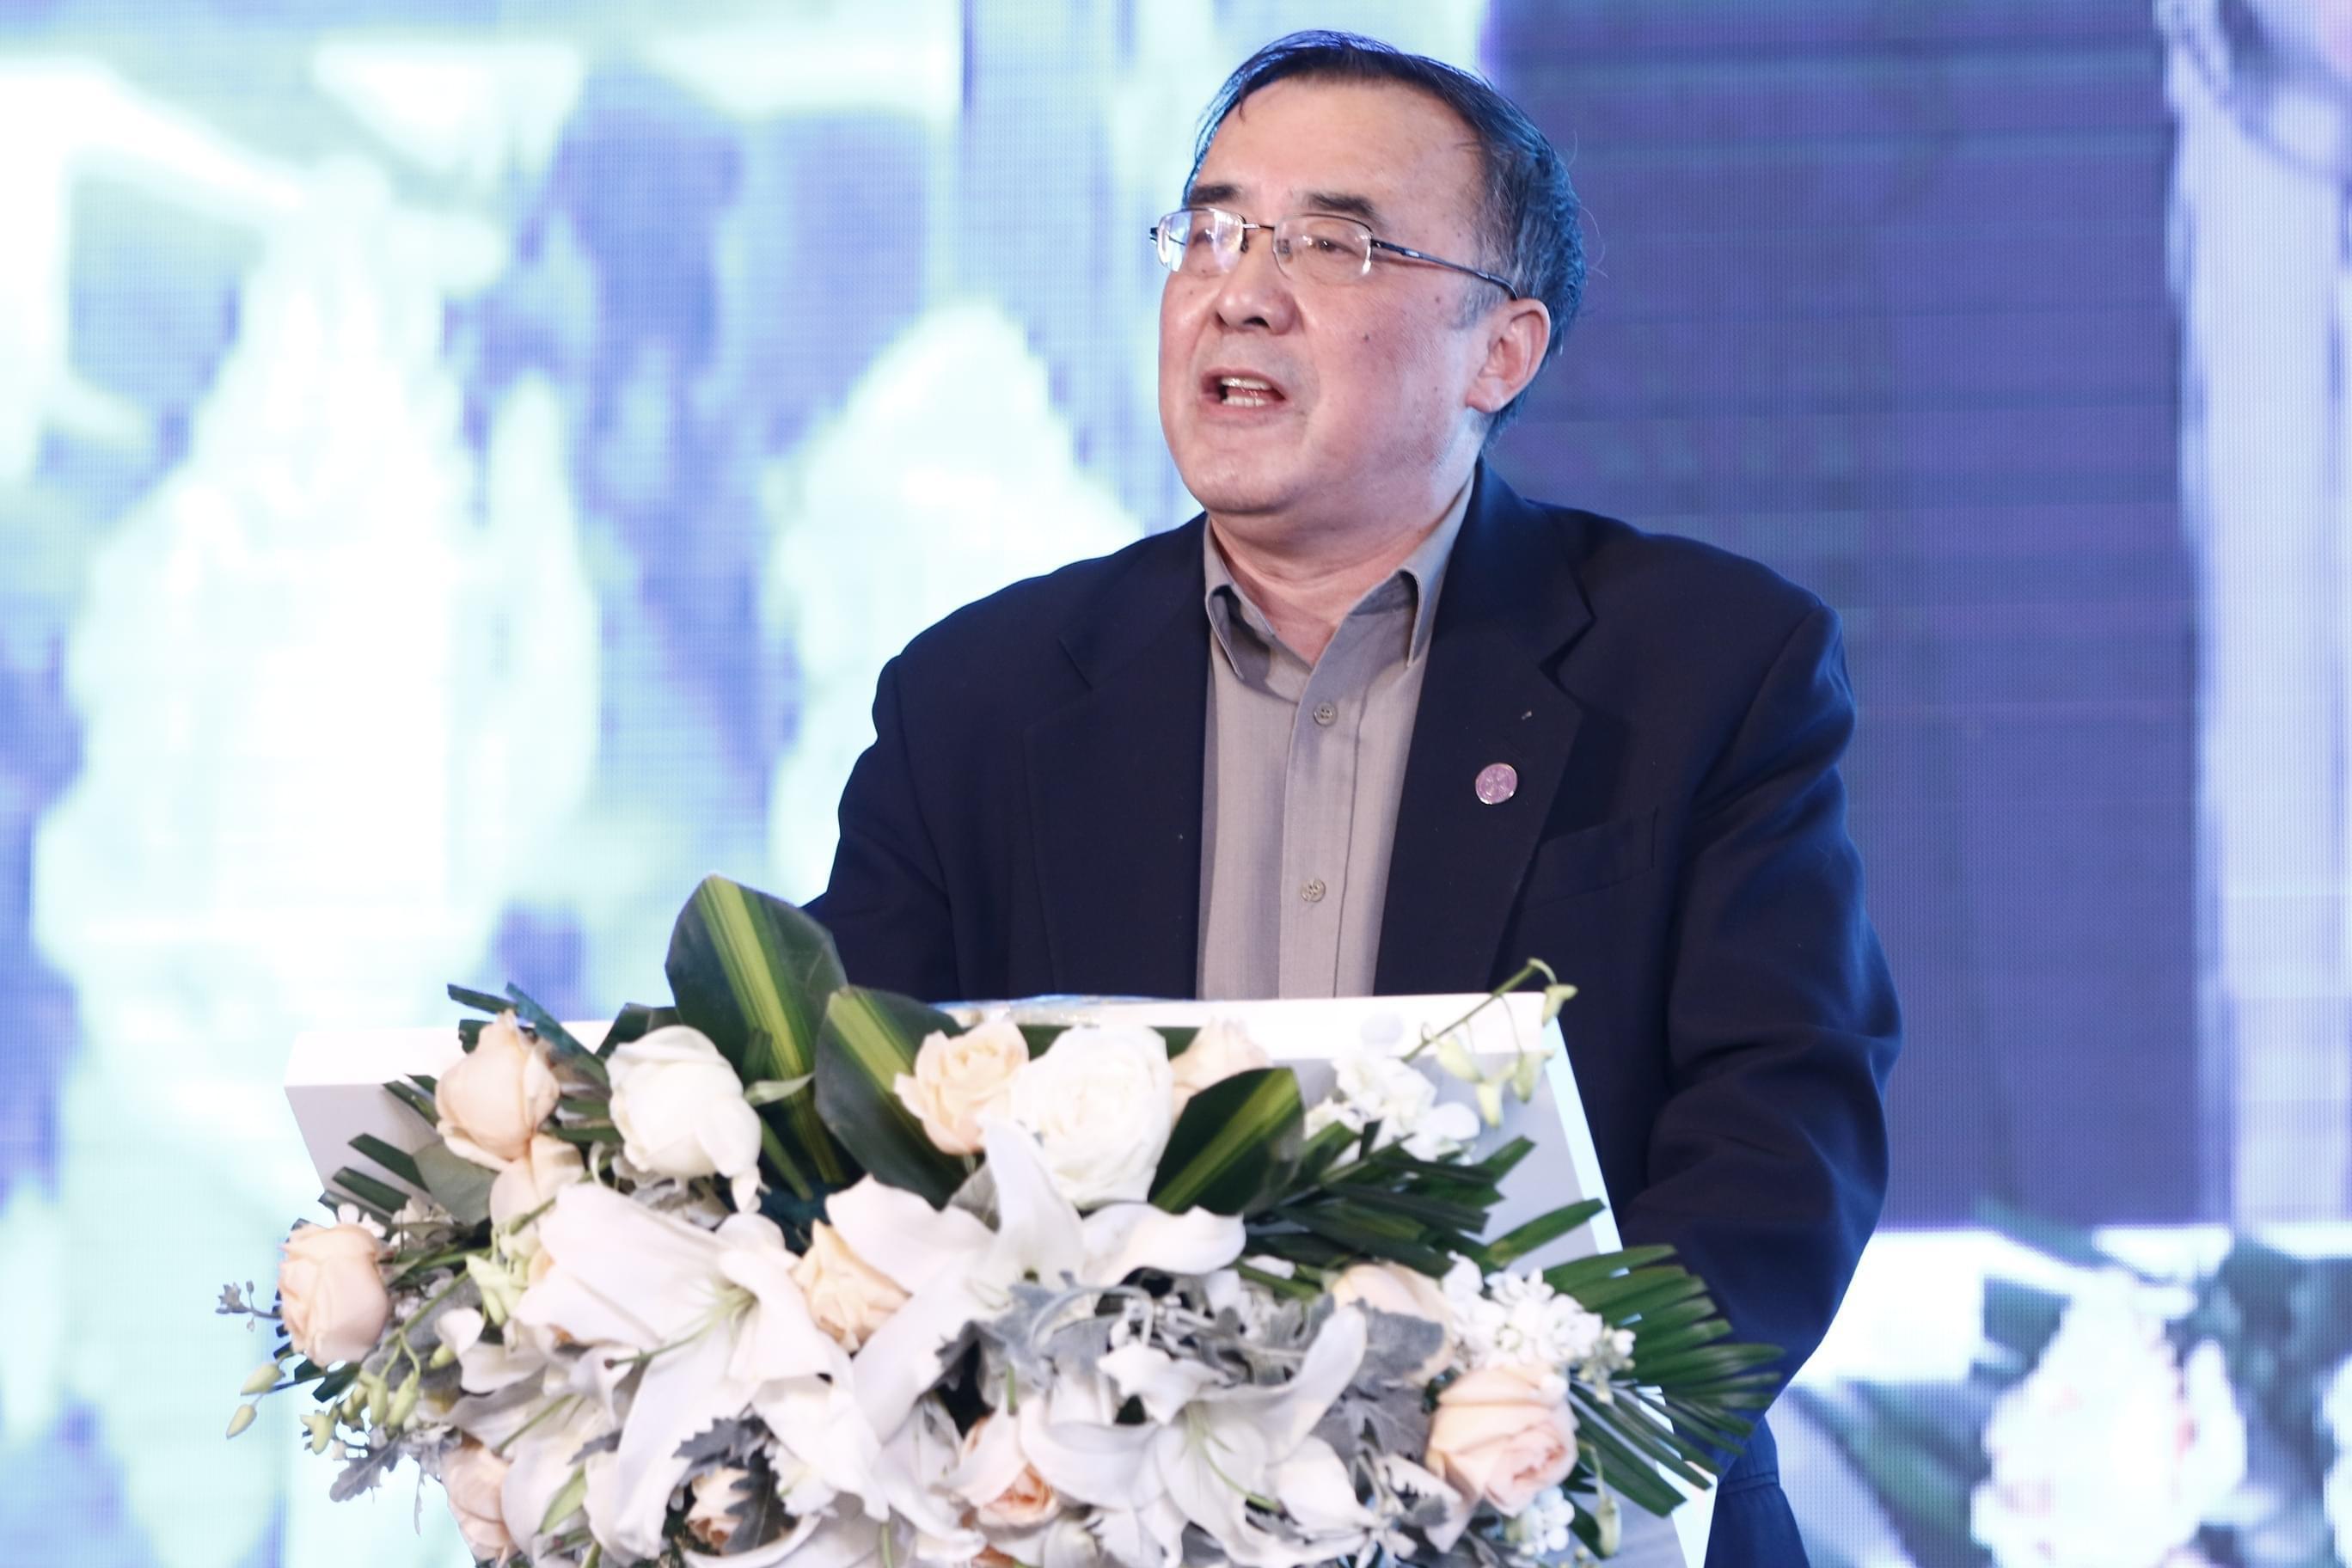 2017网易教育金翼奖 谢维和教授演讲《教育的初心》